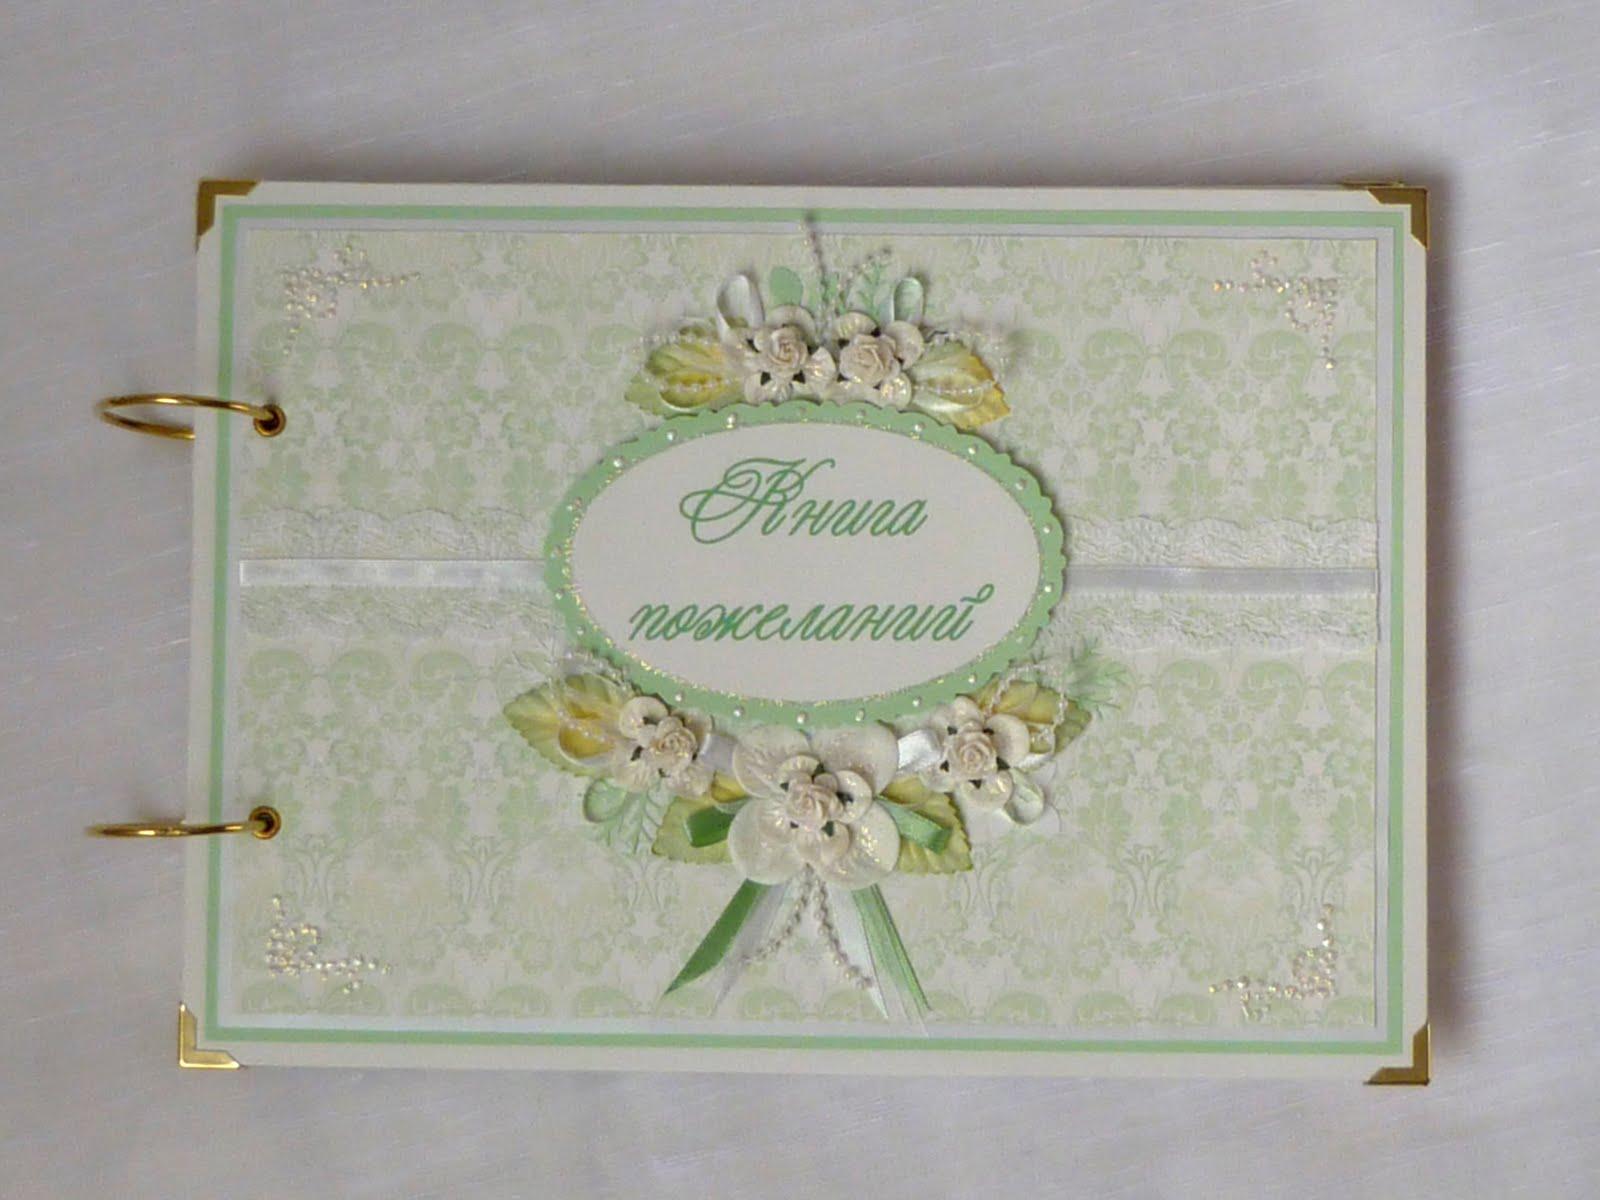 Альбом с пожеланиями на свадьбу своими руками фото